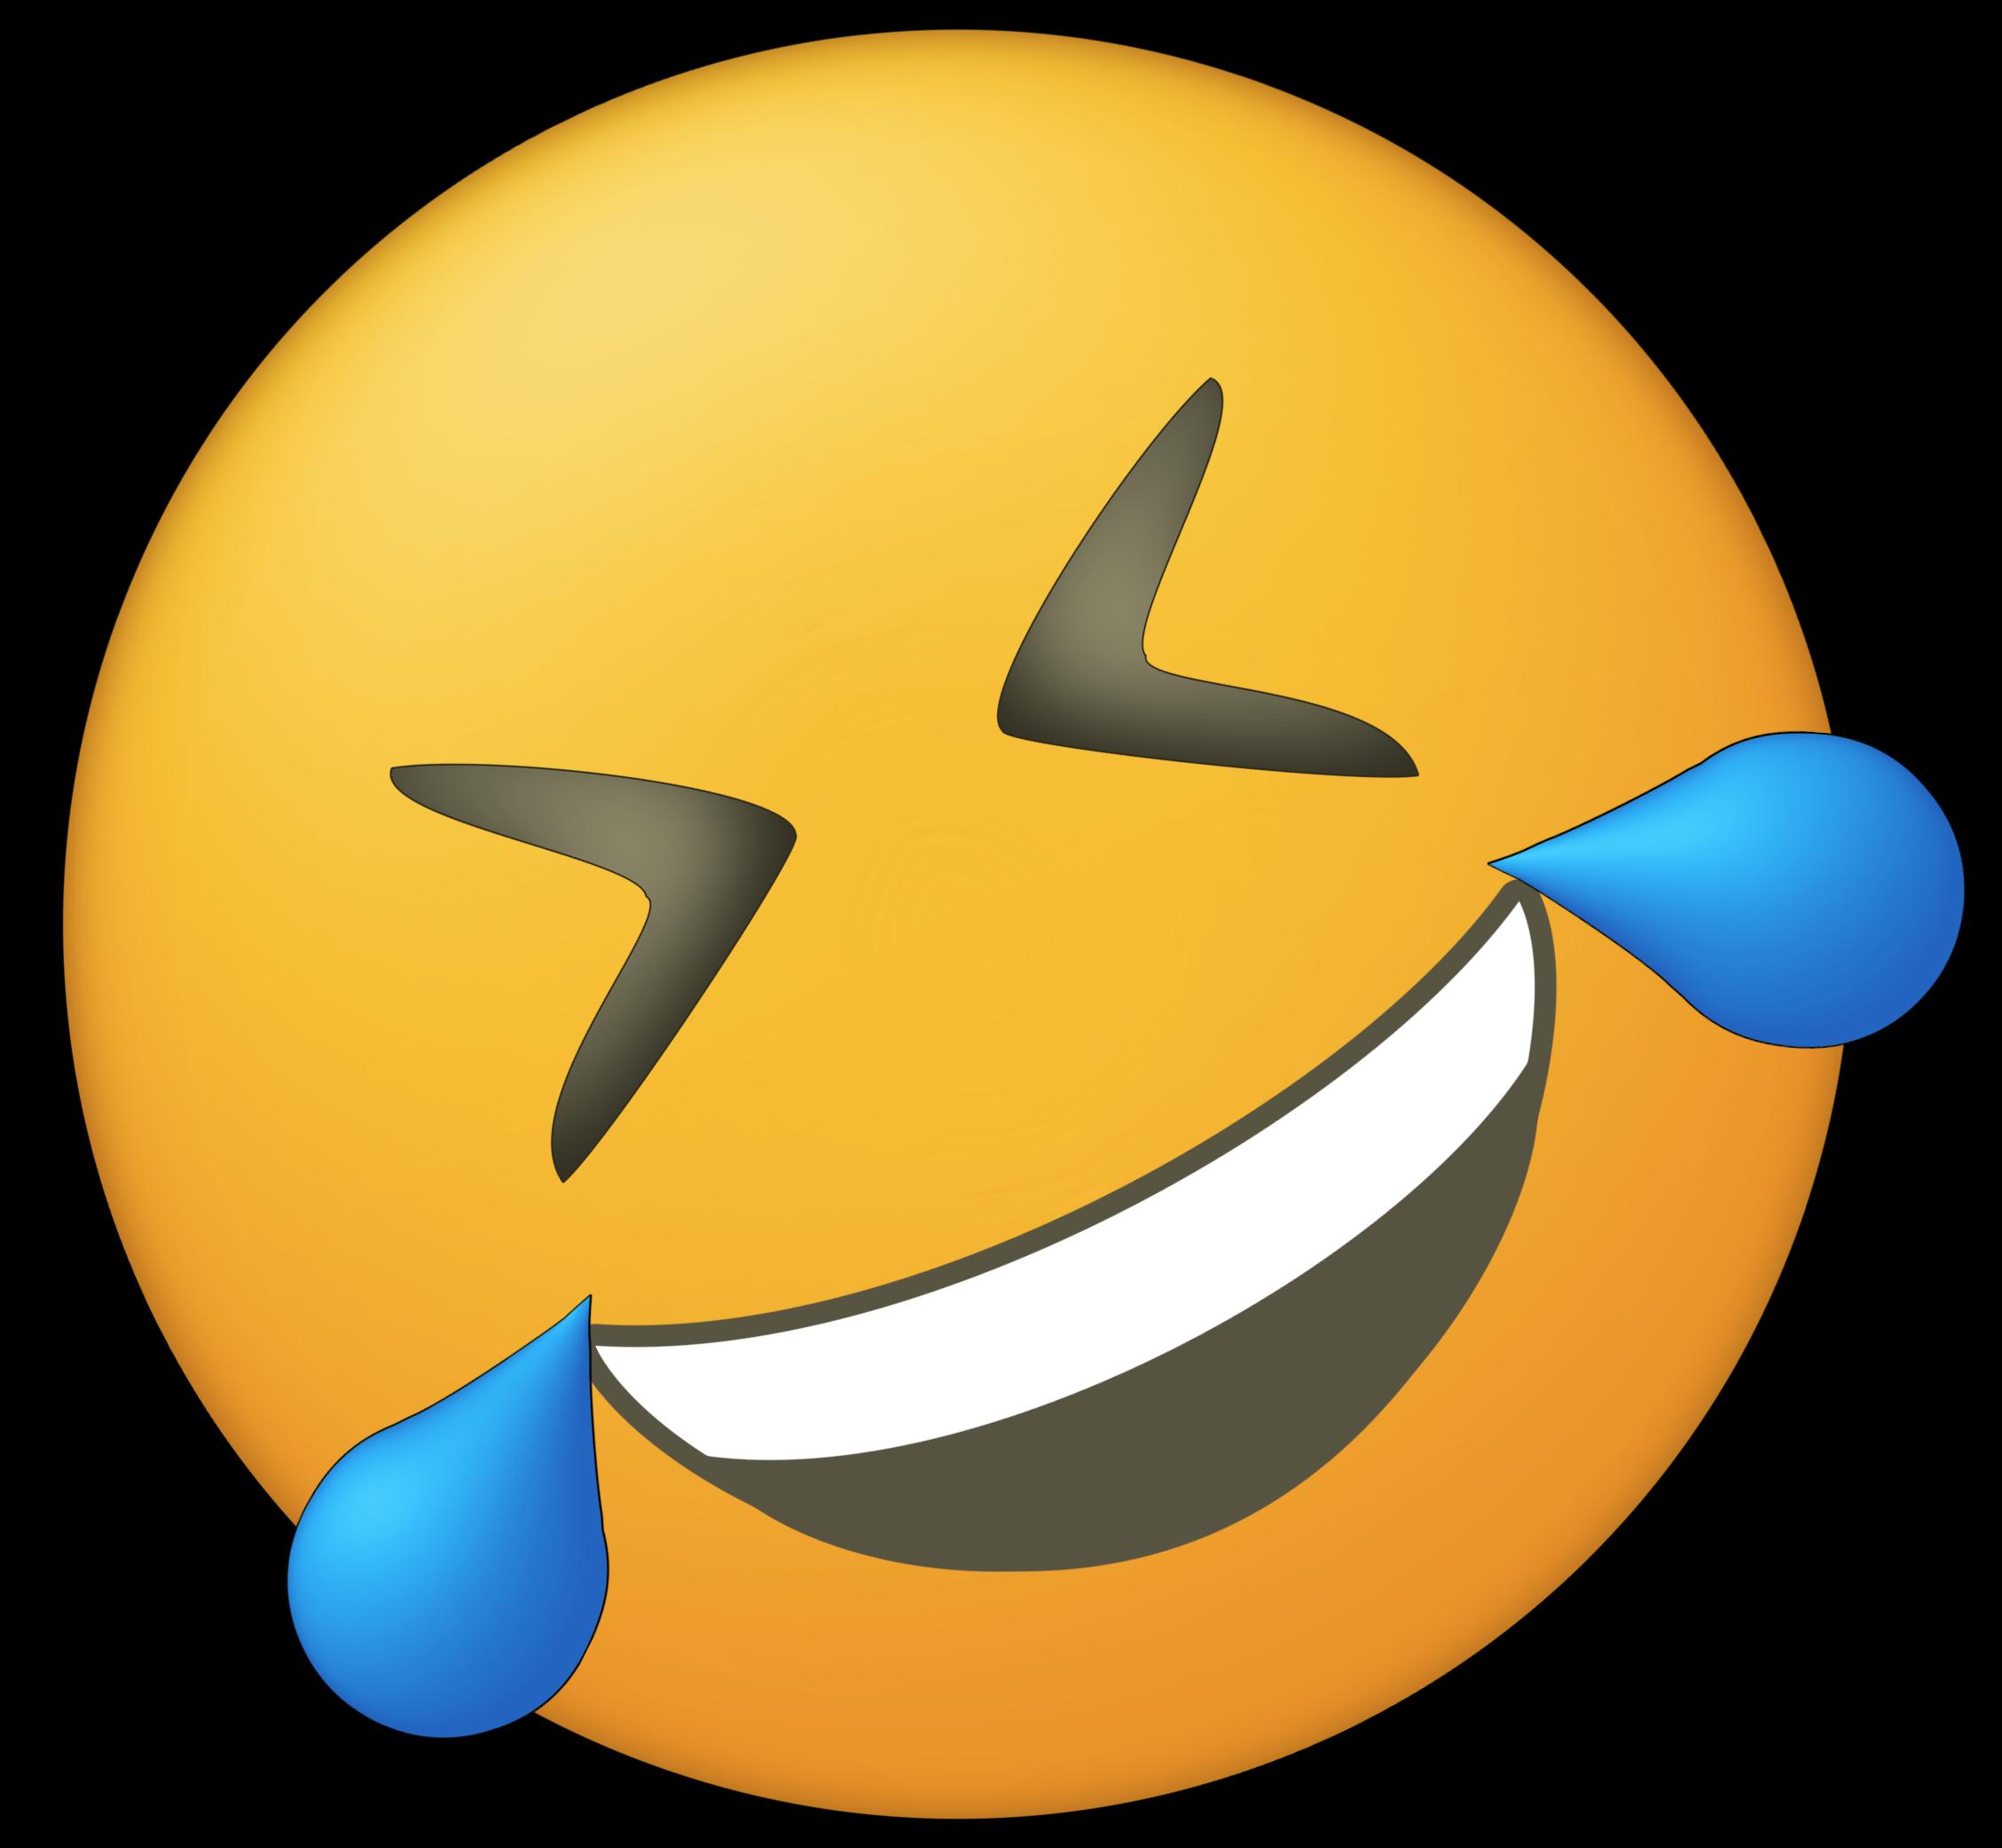 Discord Emote Open Eye Crying Laughing Emoji Laughing Emoji Emoji Meme Crying Emoji